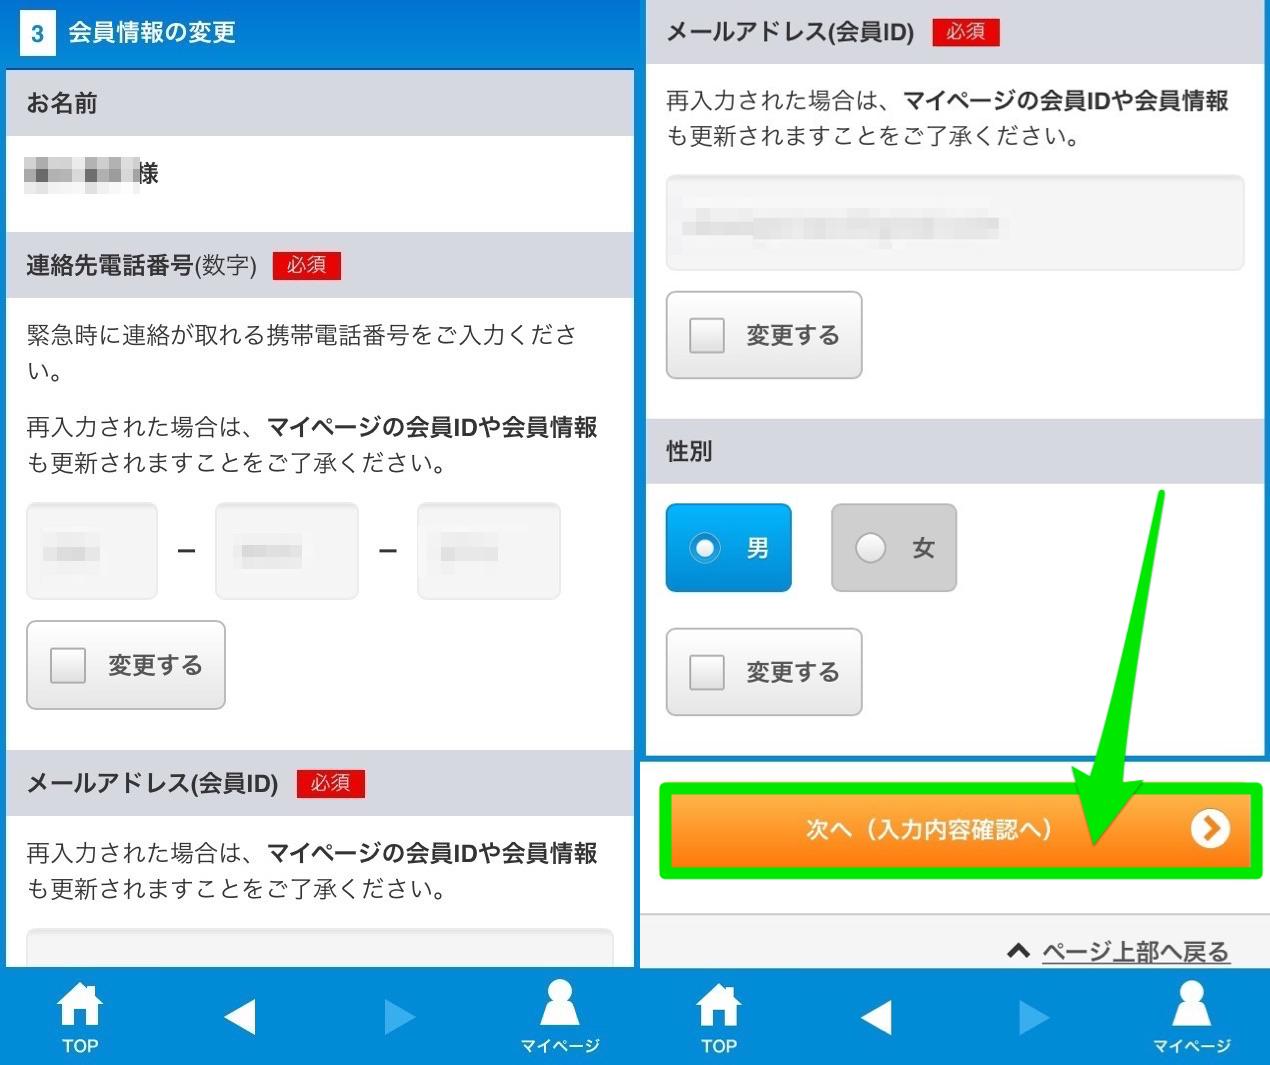 DeNAトラベルアプリの海外ホテル予約で会員情報を入力